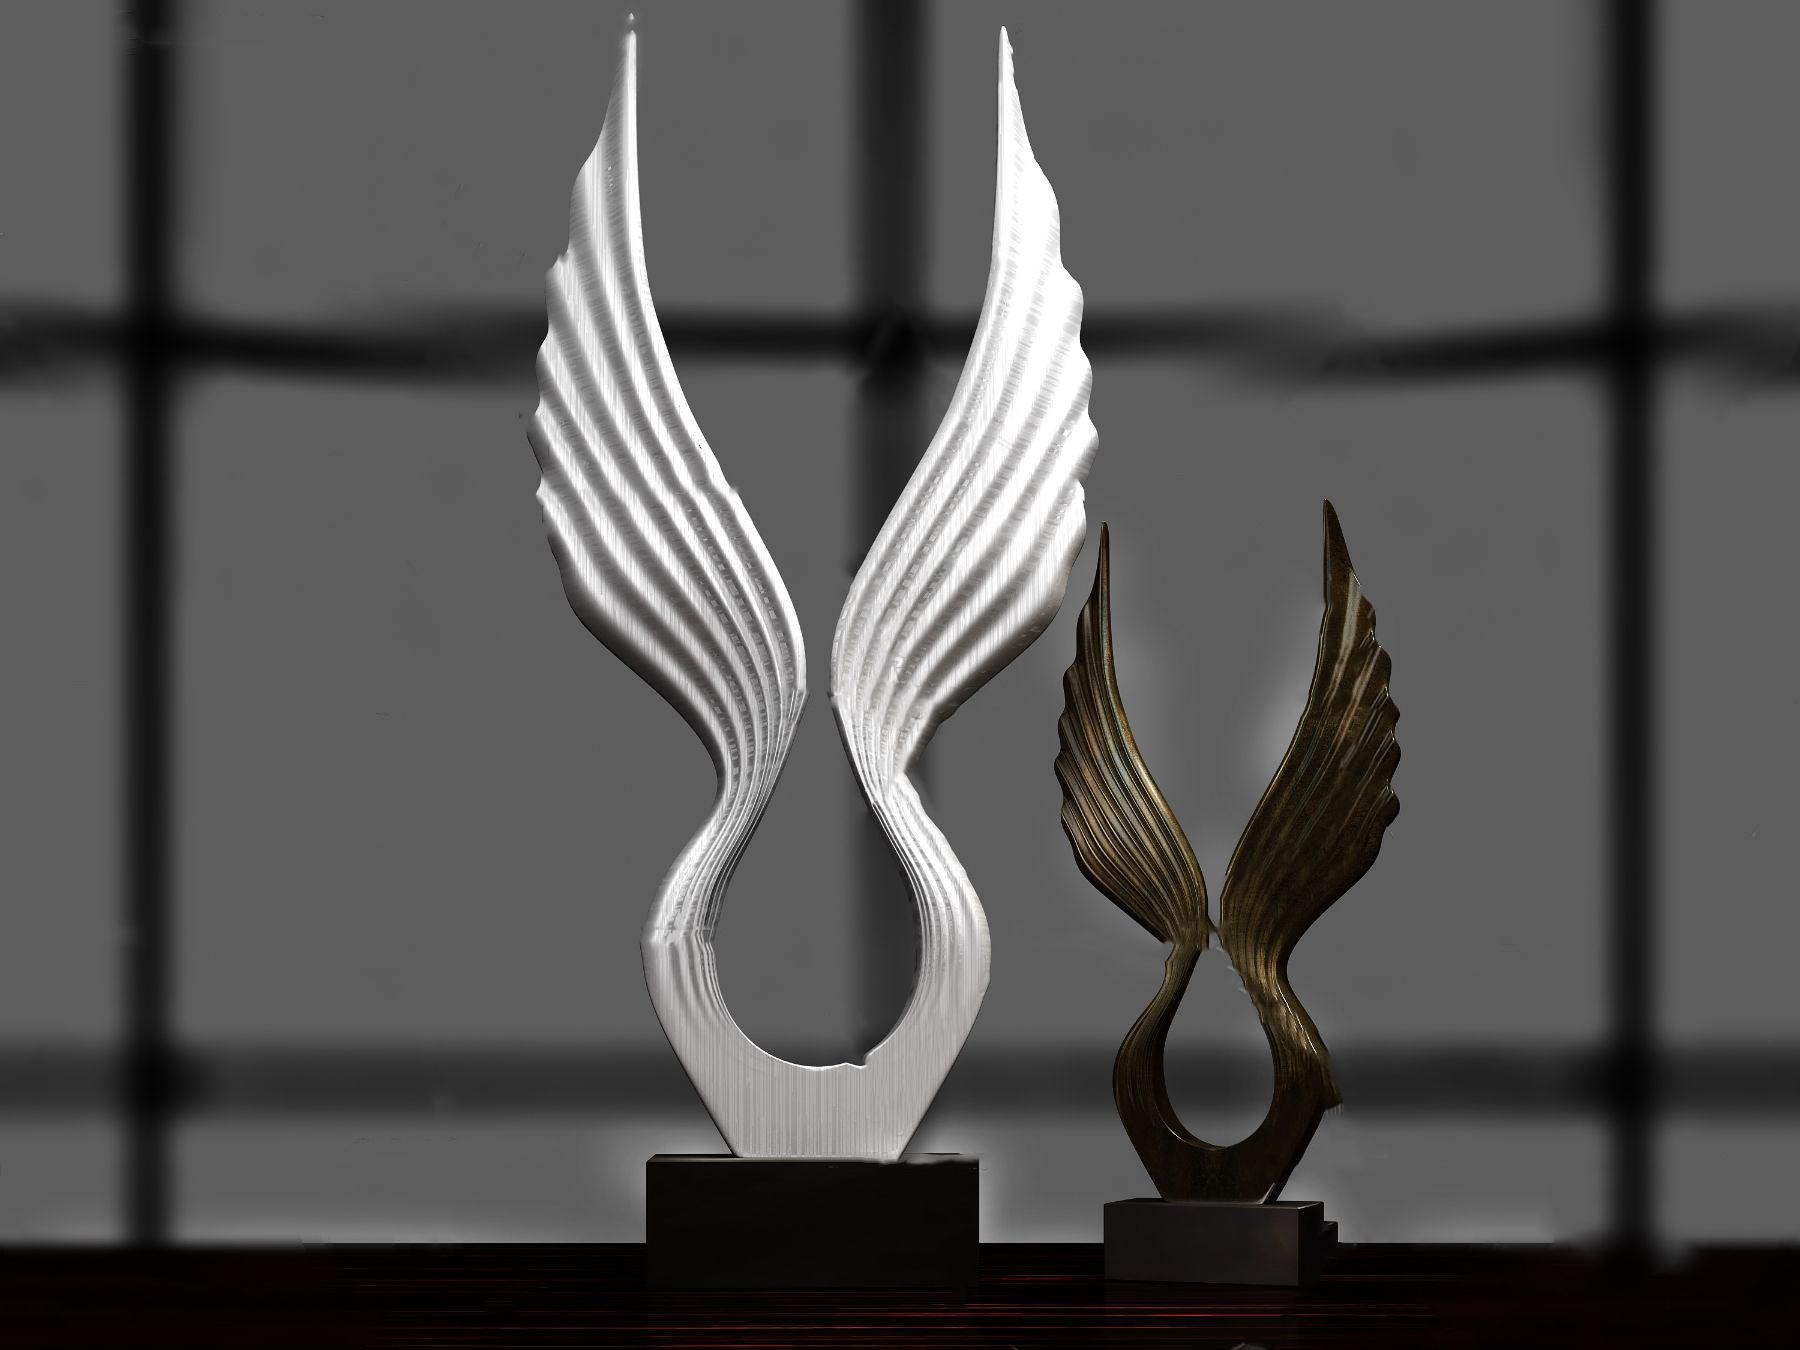 现代艺术雕塑摆件3D模型【ID:343426196】